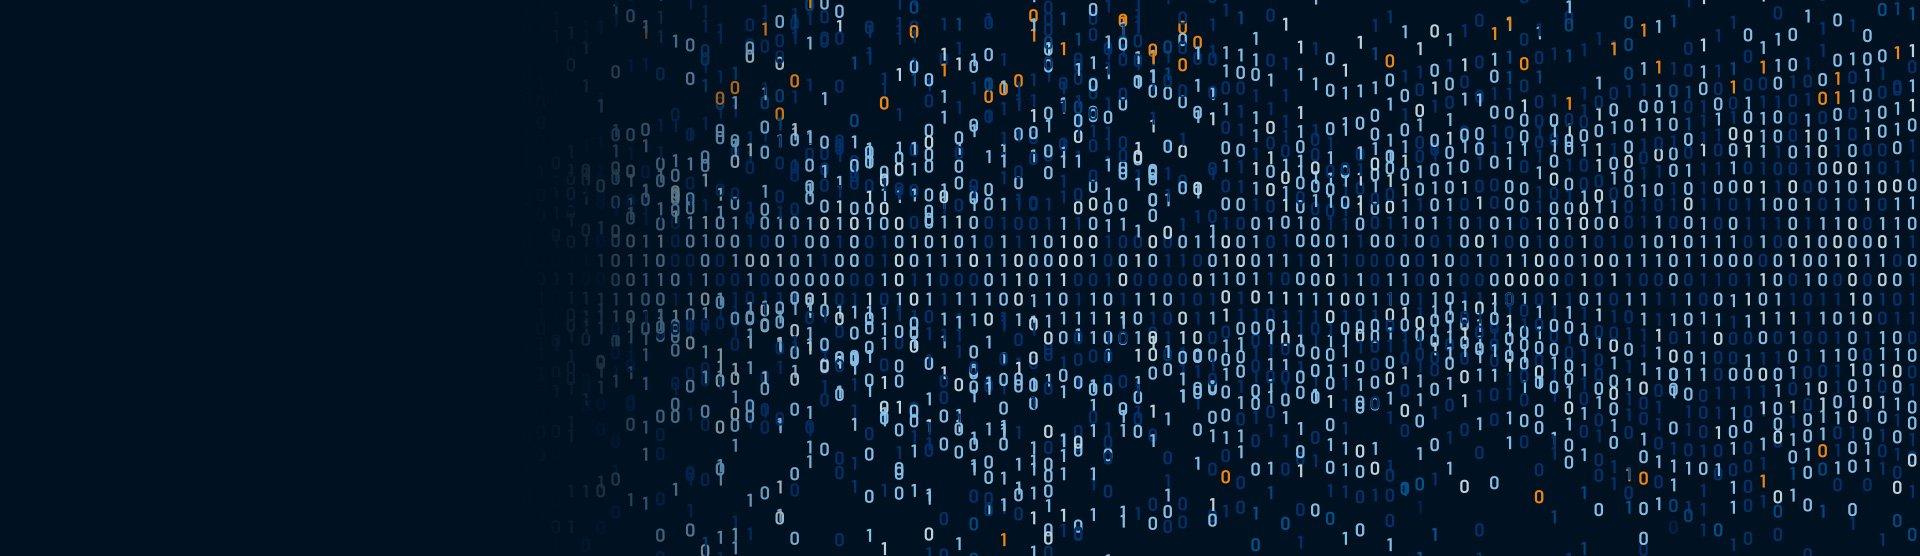 Header_Blog_WorkStream_Databases